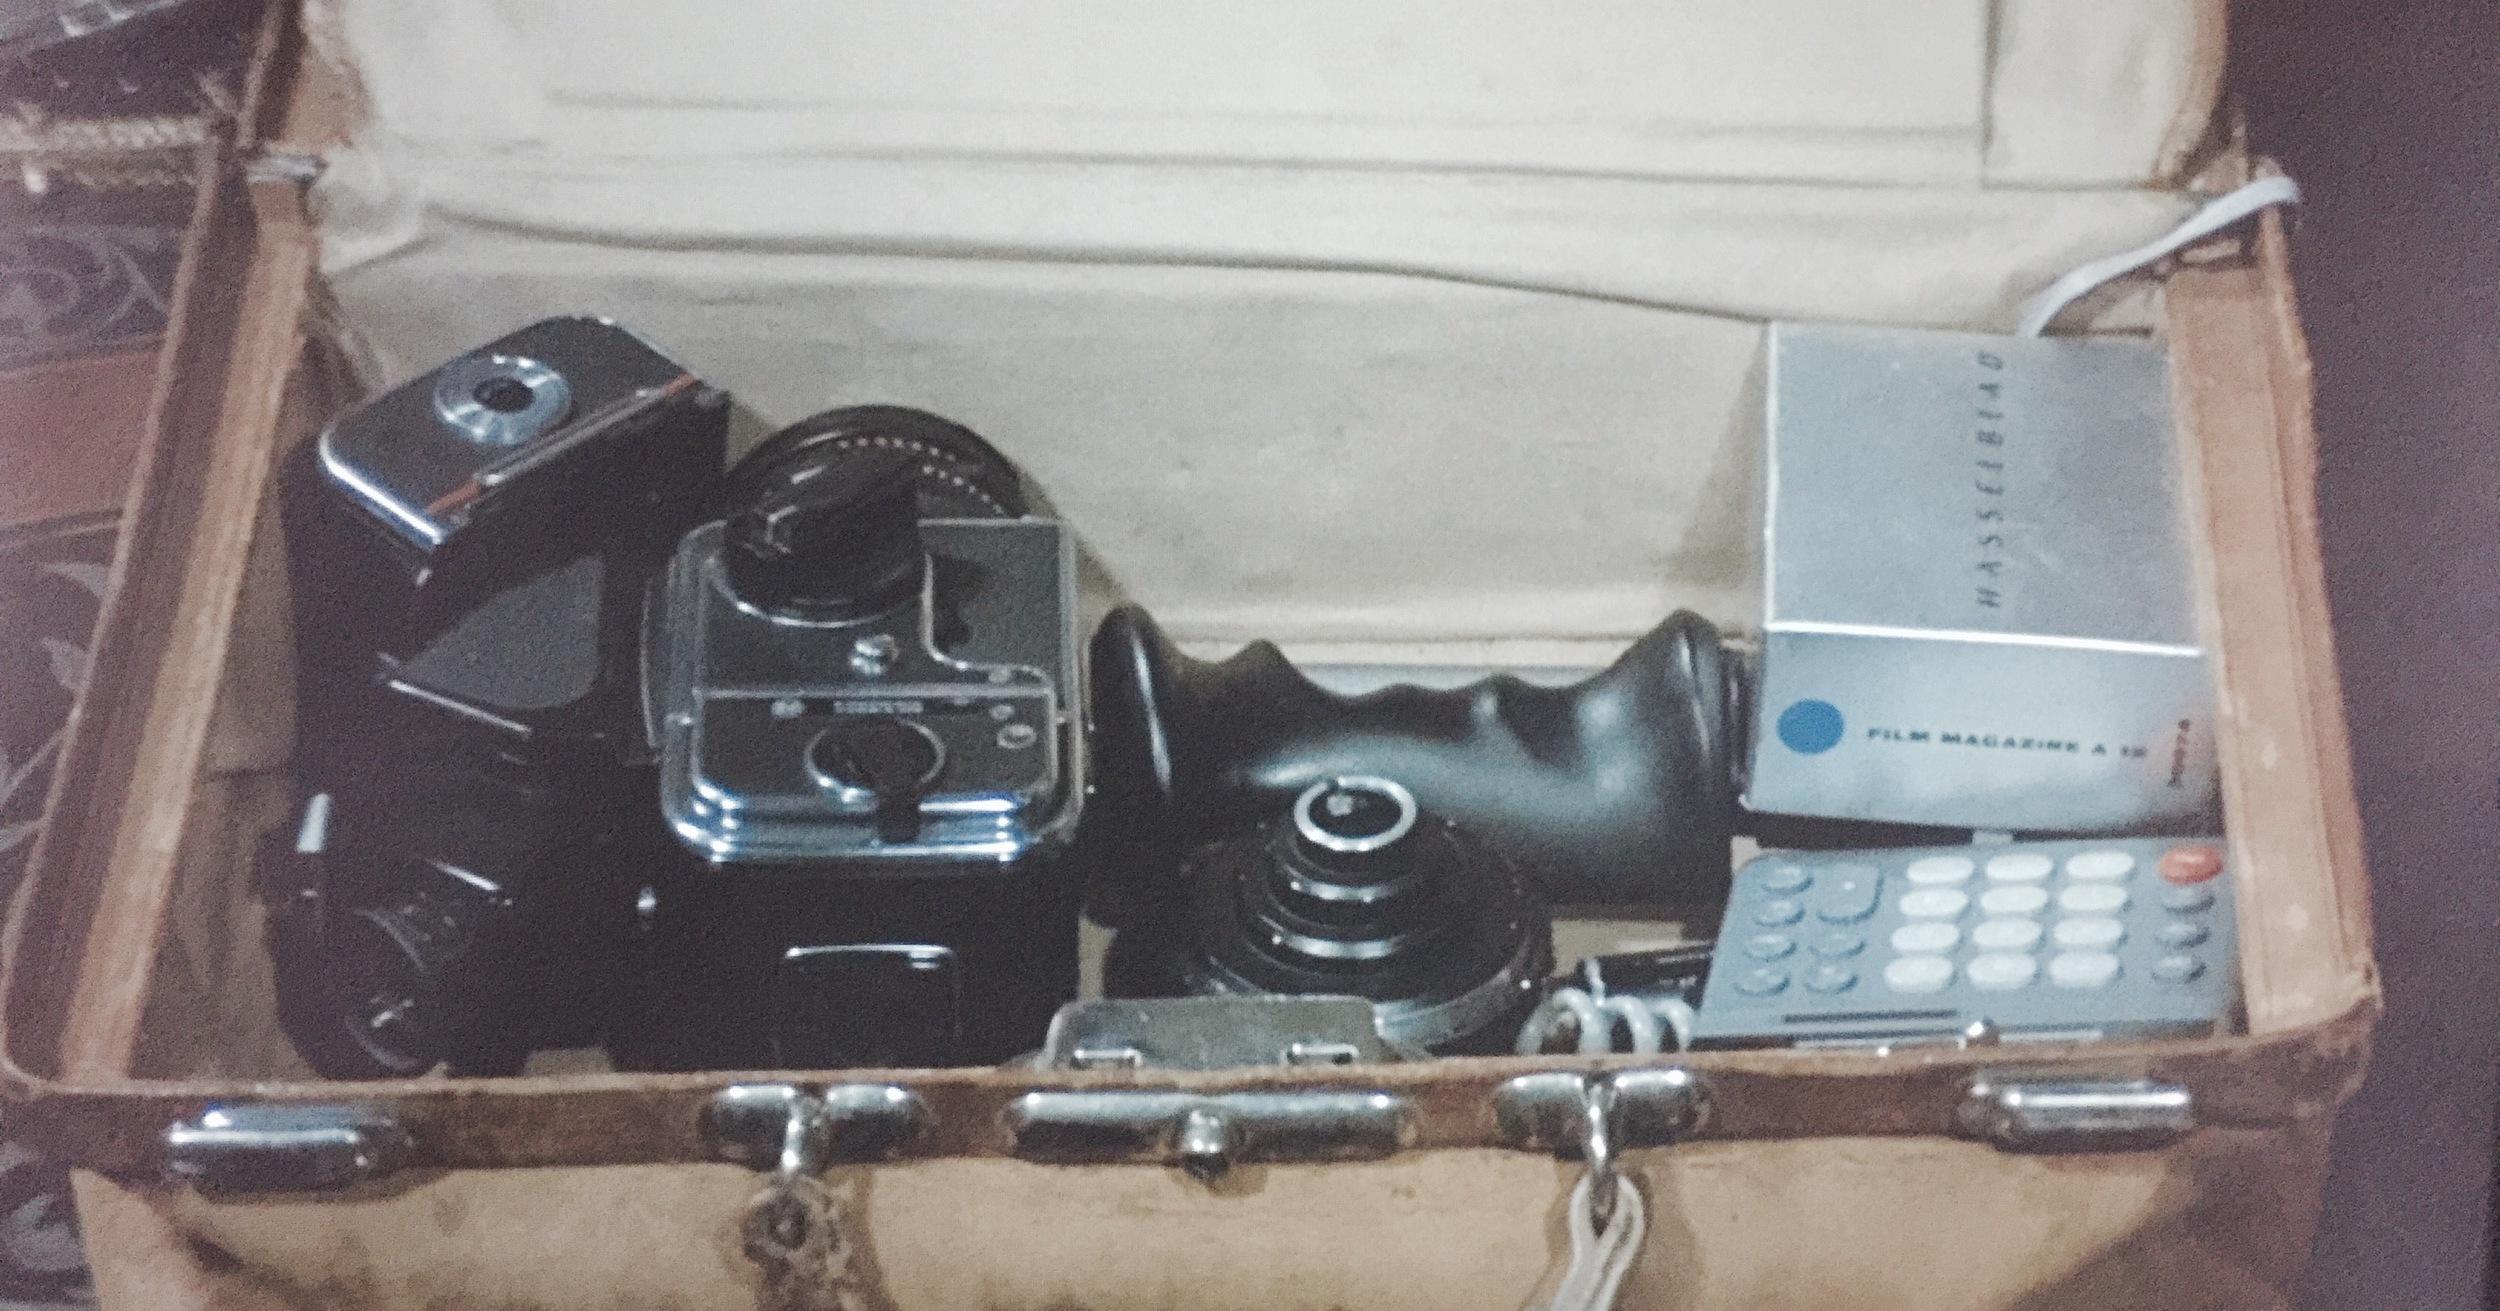 W pełnej klasie Hasselblad 500 C/M z kasetą A12 (6x6), pryzmatem 45', standardowym obiektywem 80mm